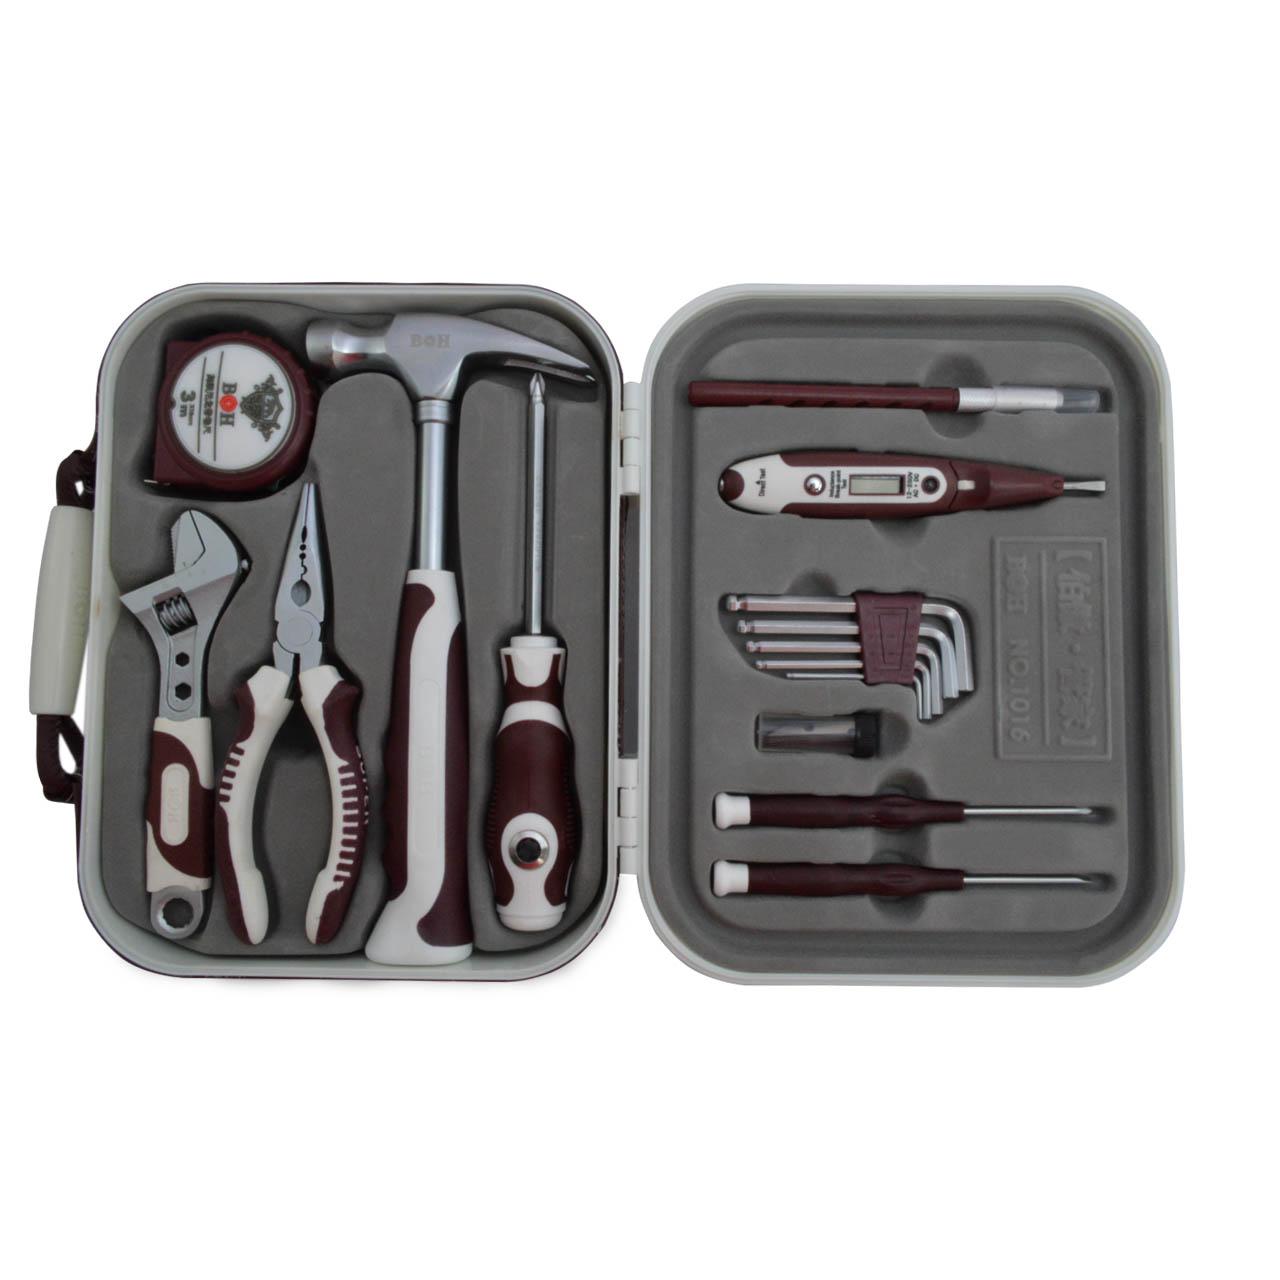 جعبه ابزار لامکس مدل Tl-721